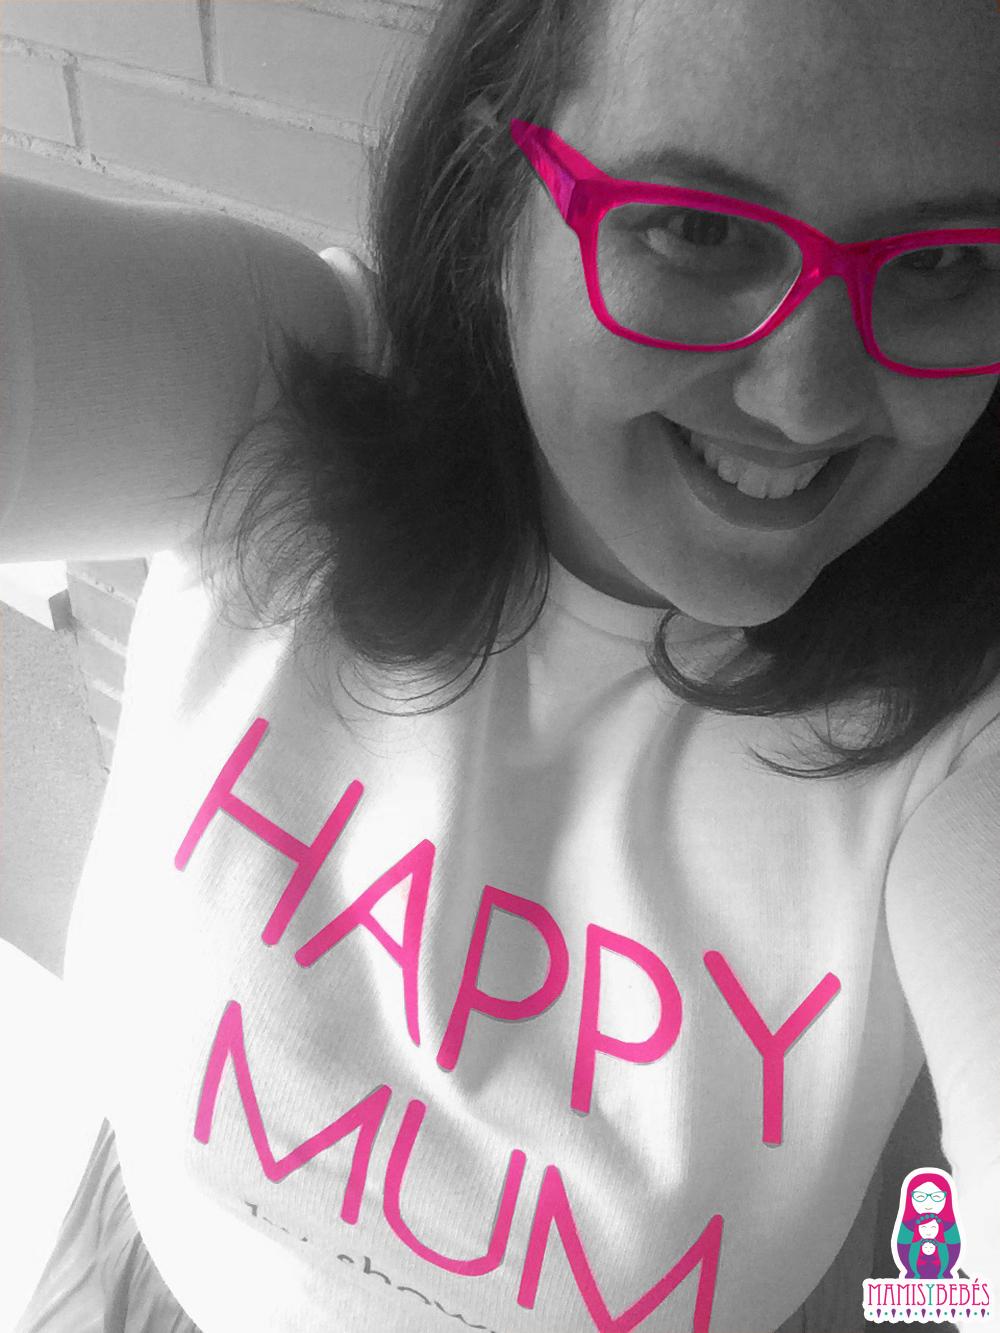 Happy mum blog